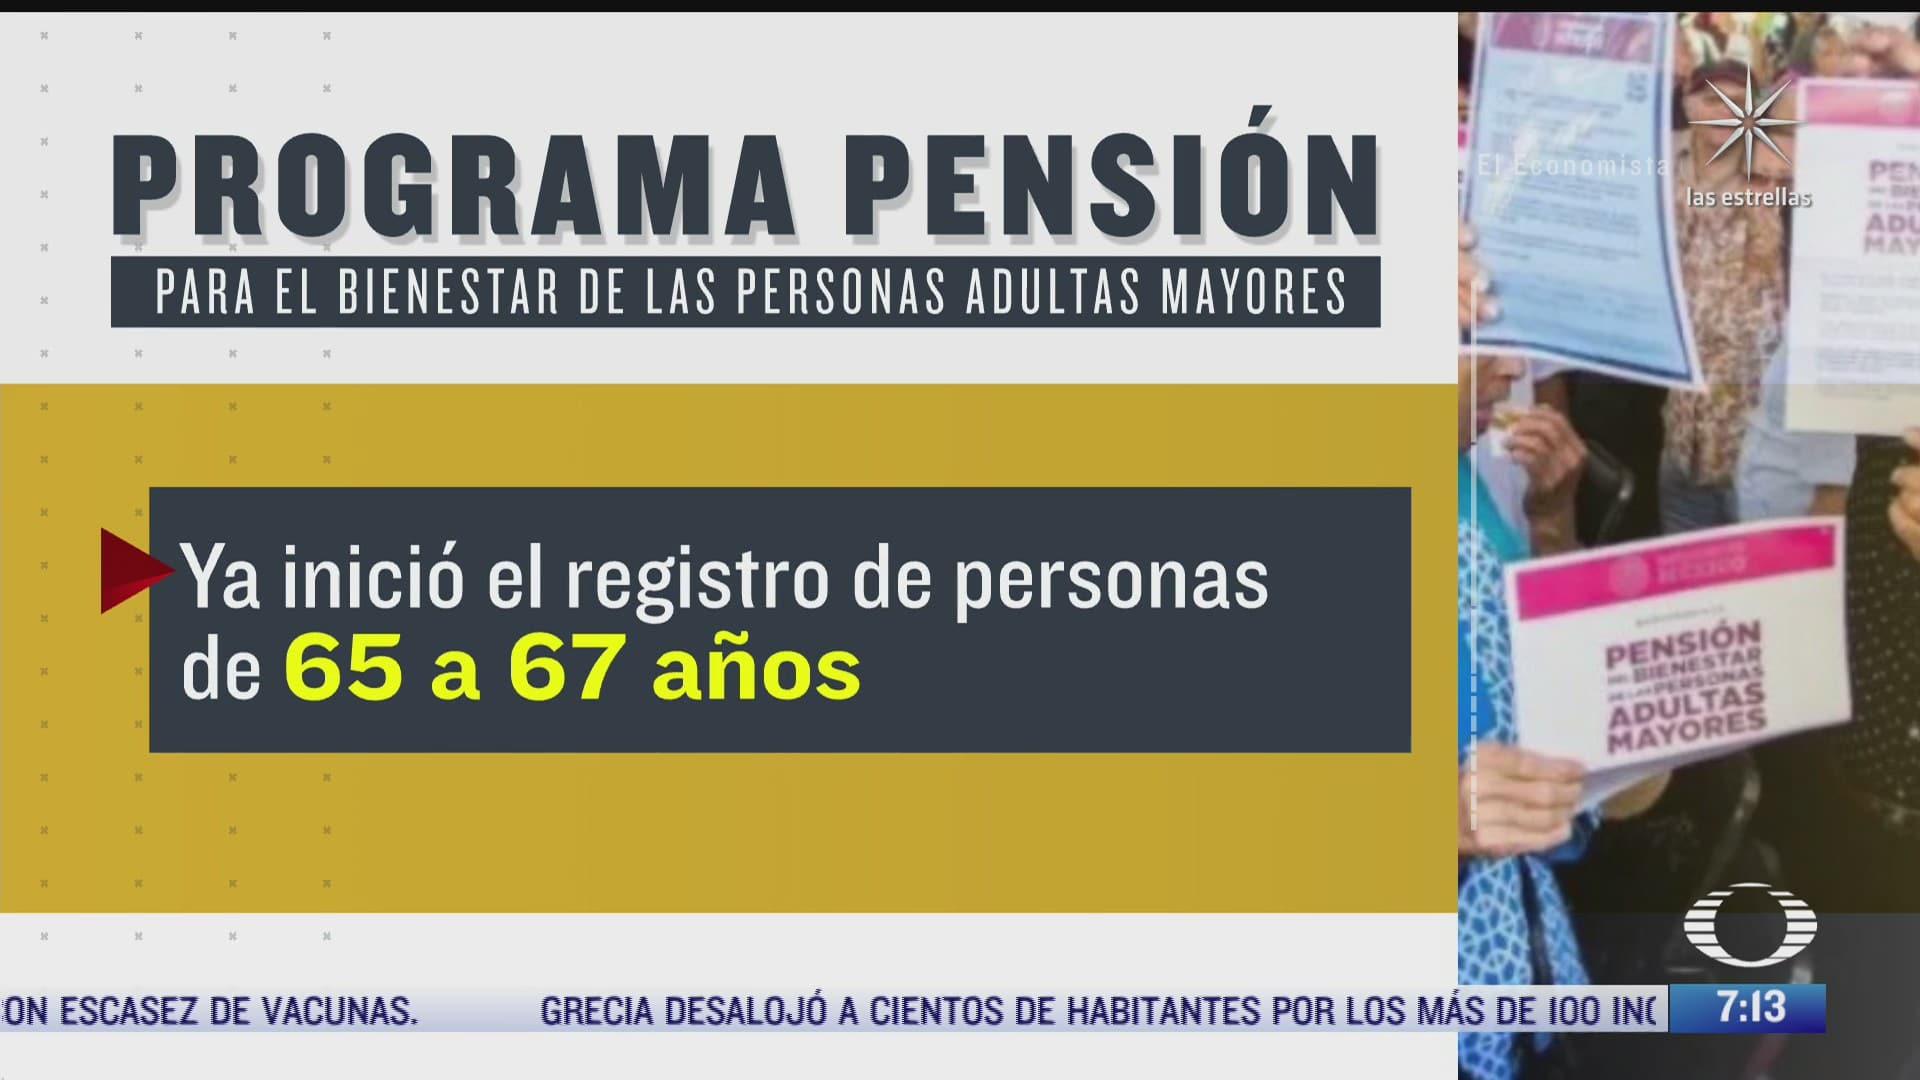 como inscribir a adultos mayores de 65 anos en la pension bienestar